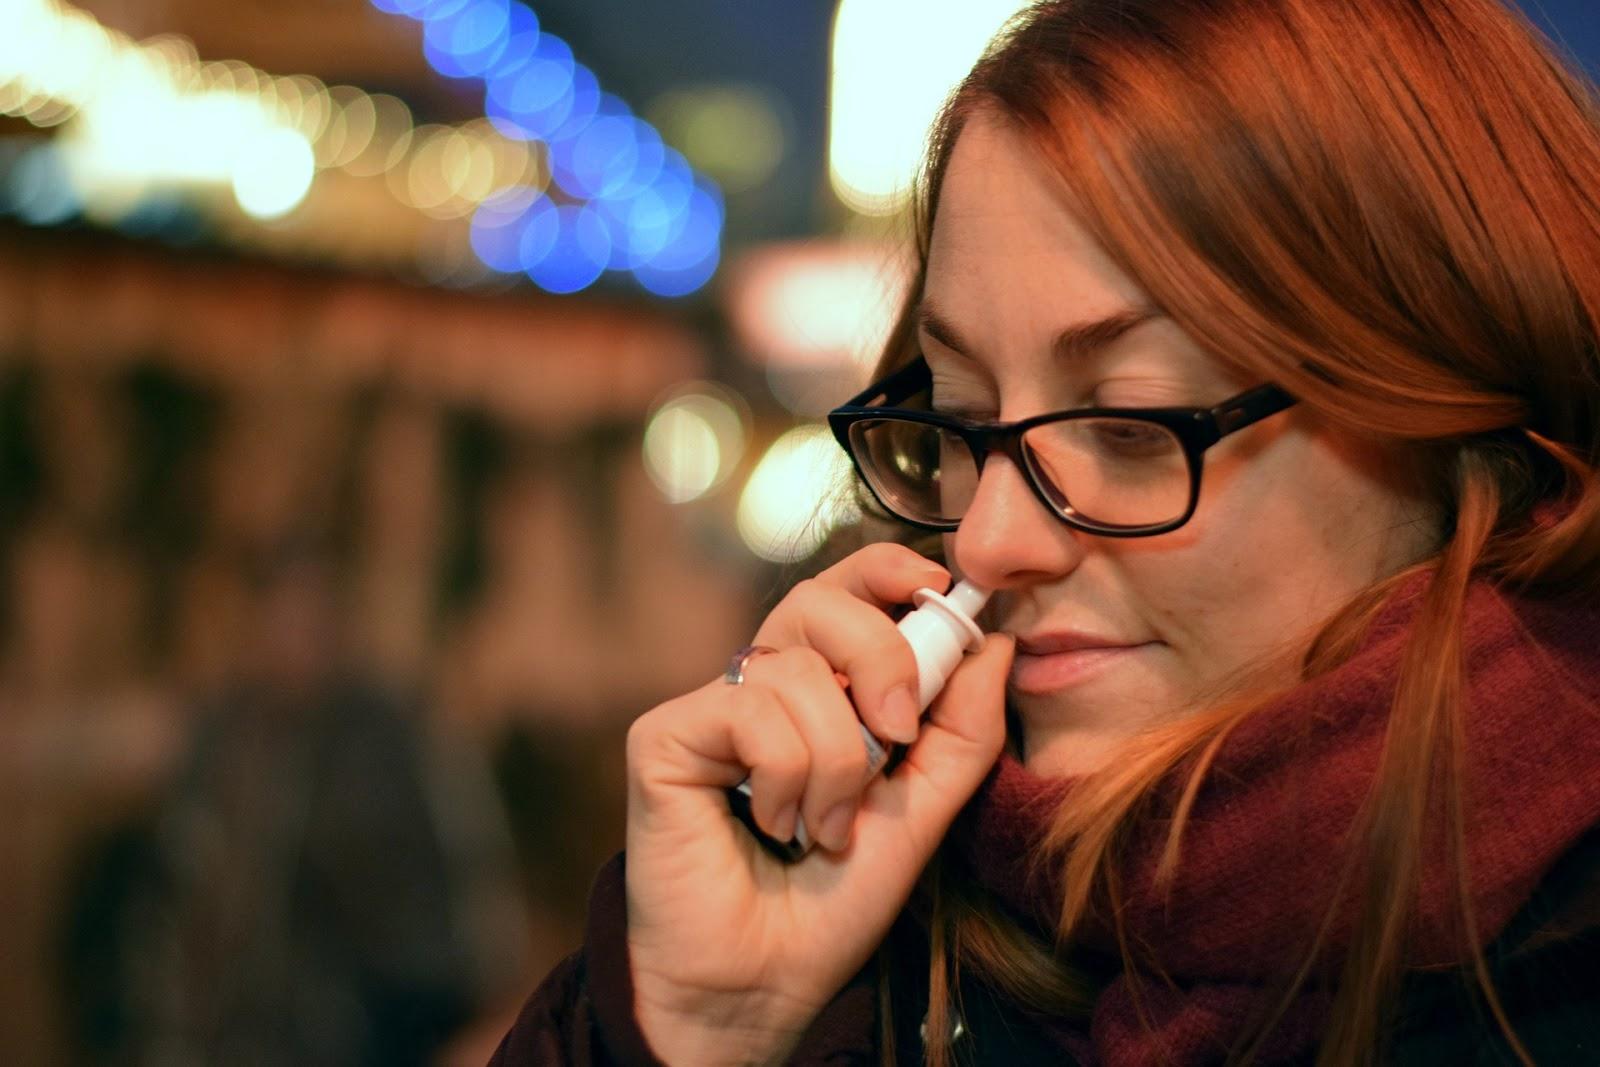 algovir Nasenspray hilft zur Vorbeugung von Erkältungsviren